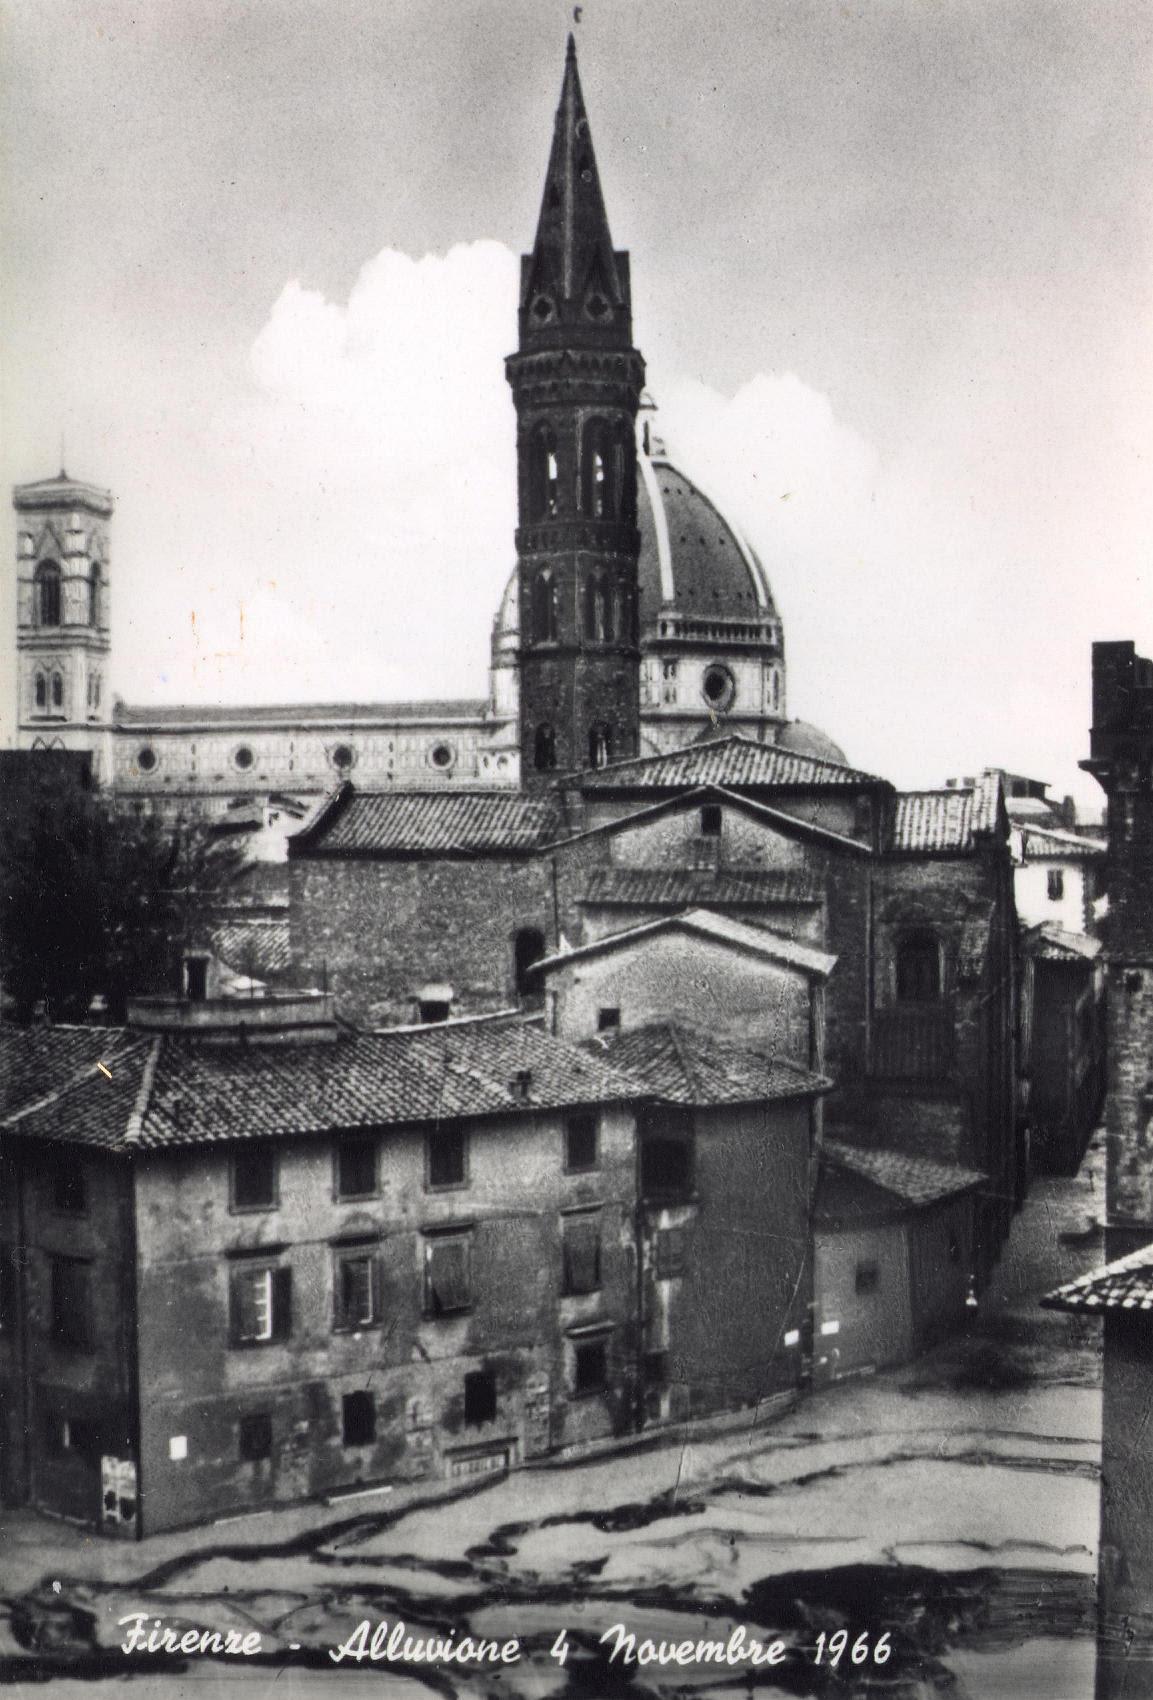 http://www.florin.ms/196610s.jpg